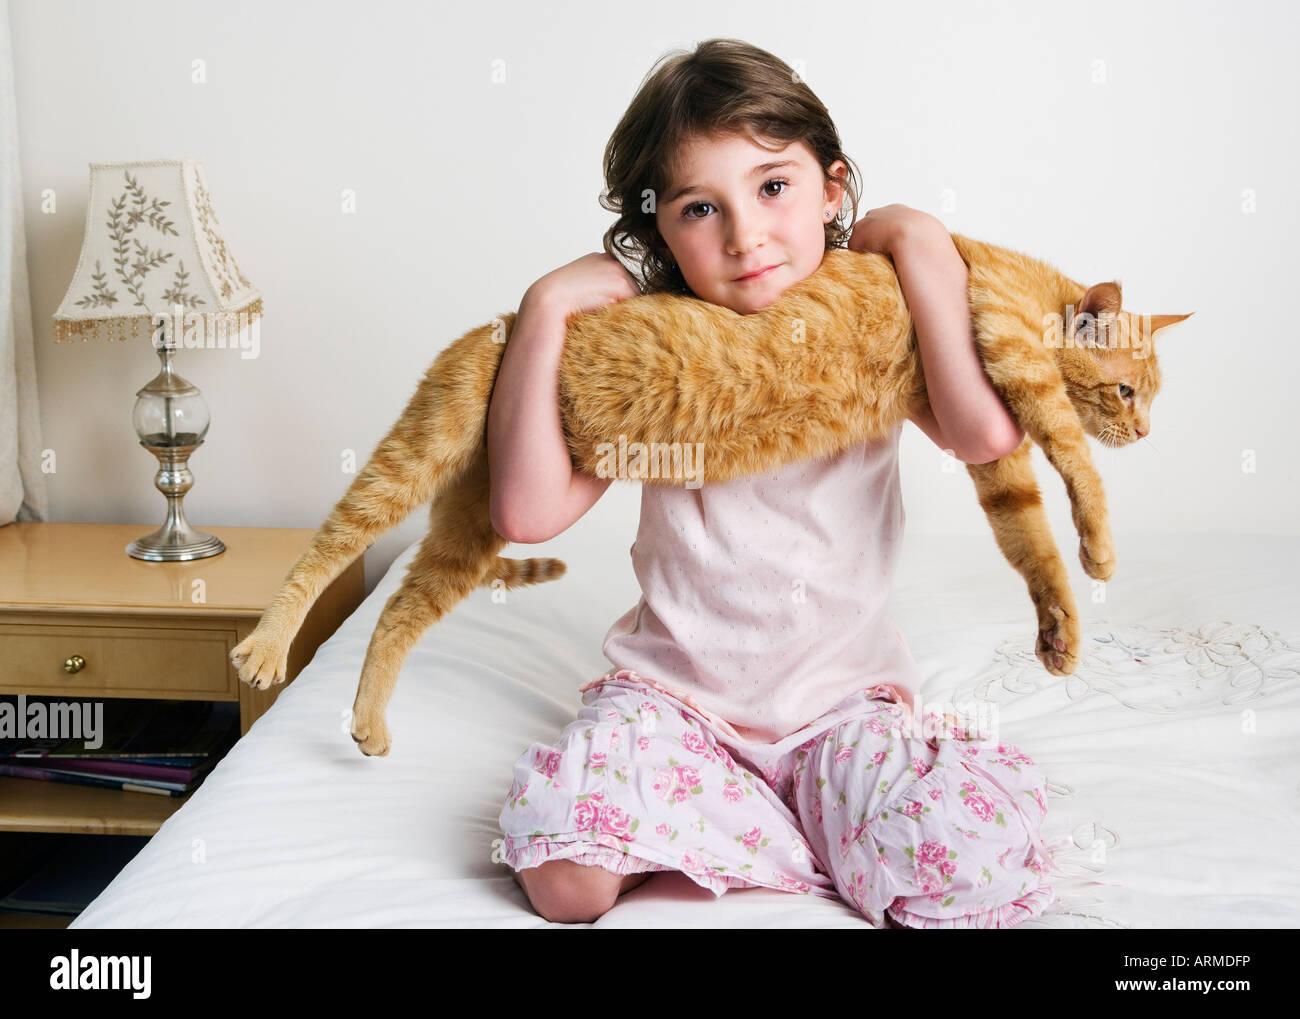 Ragazza con gatto in armi Immagini Stock